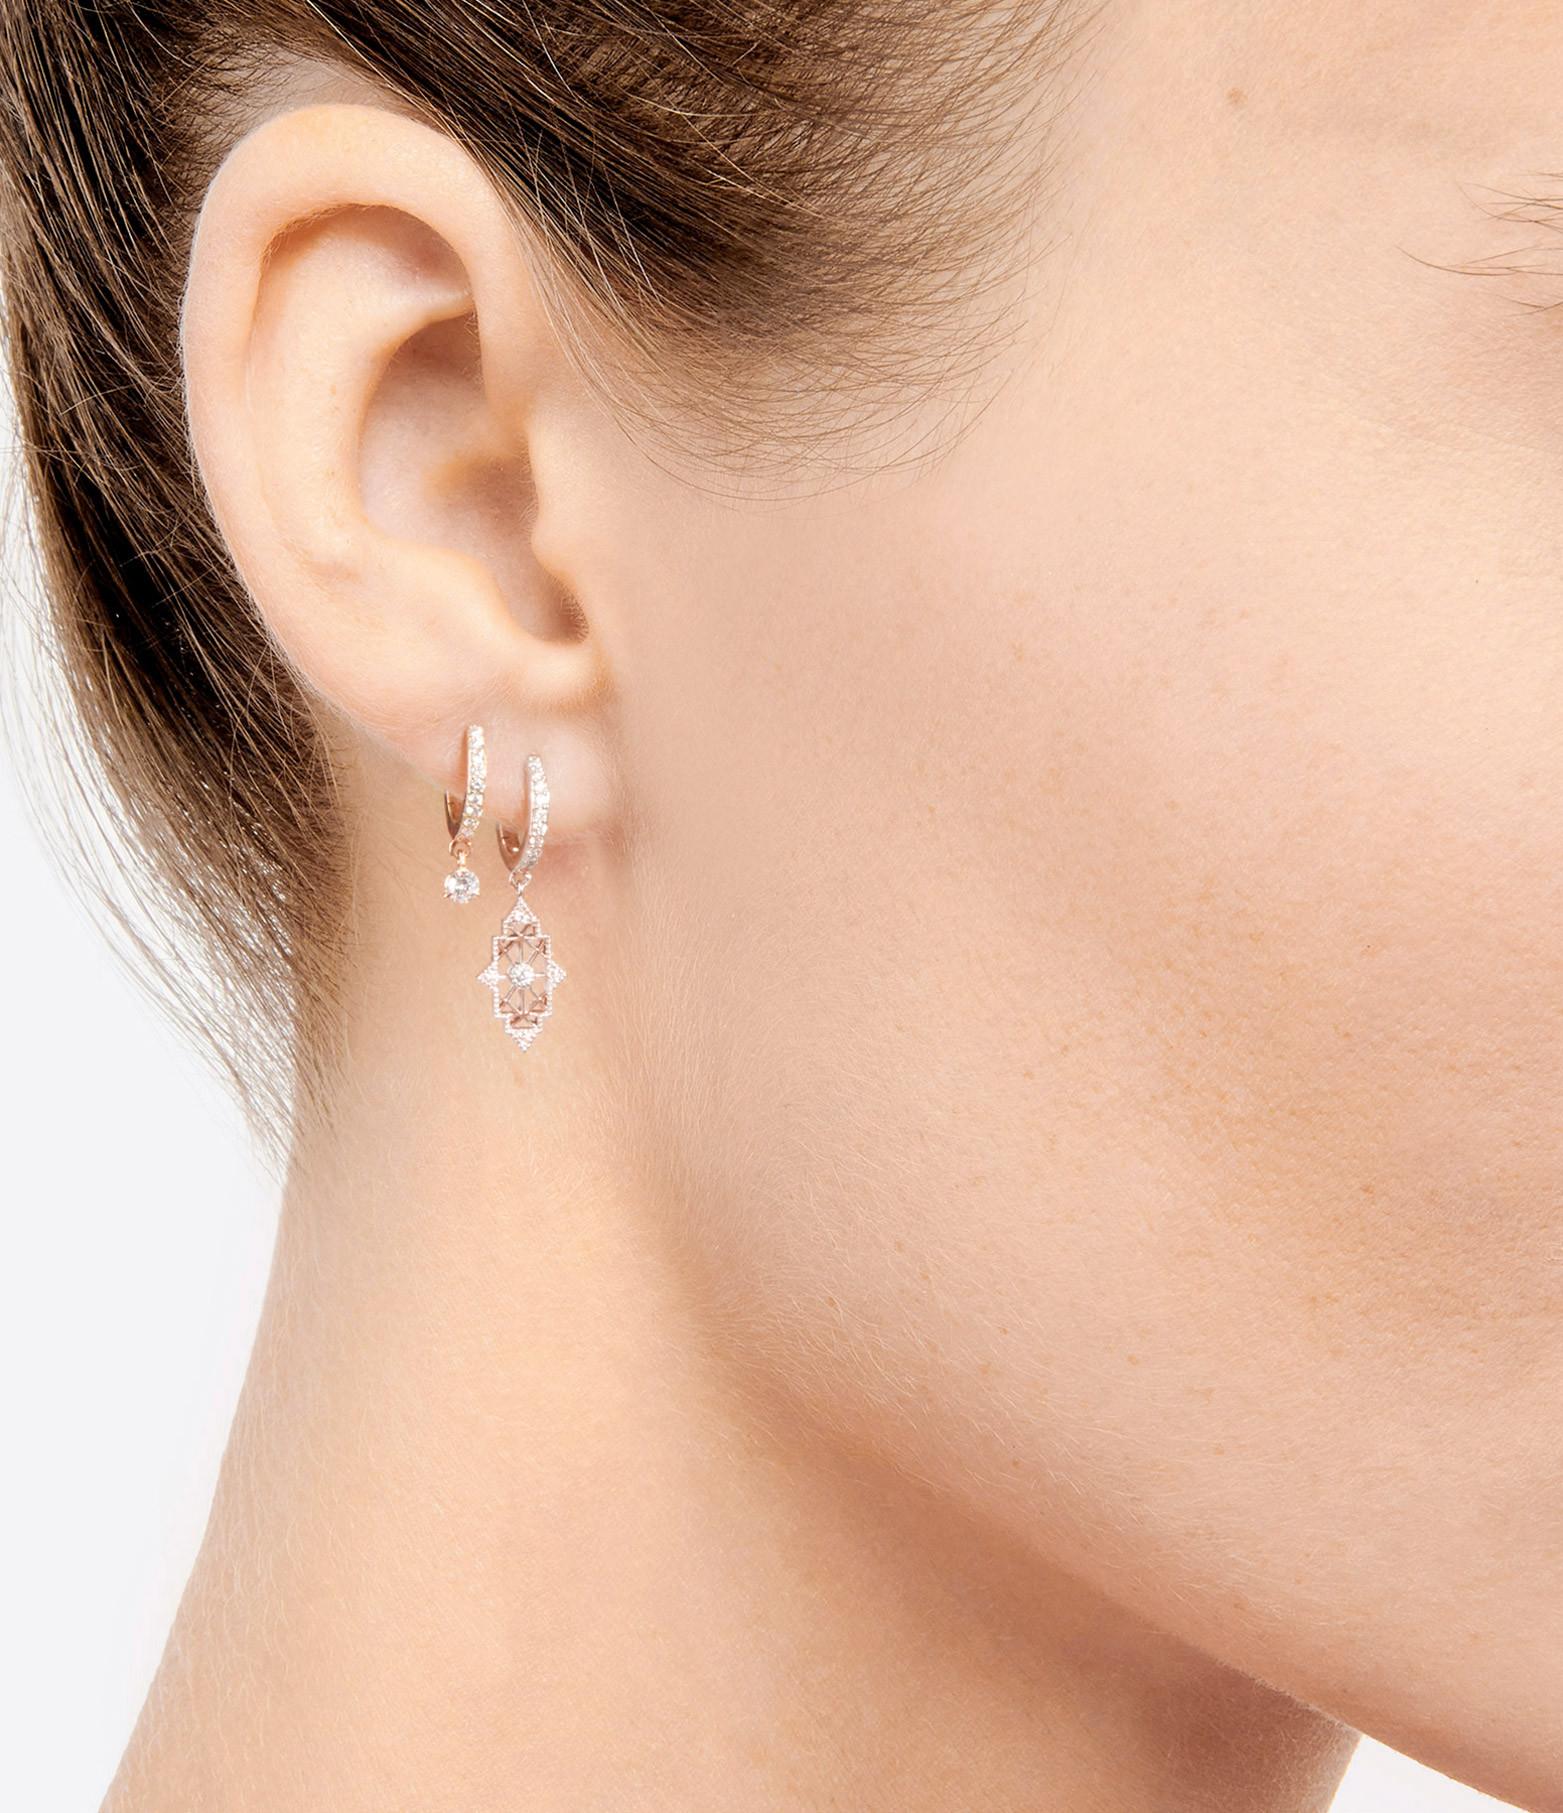 NAVA JOAILLERIE - Boucle d'oreille Nour Or Rose (vendue à l'unité)